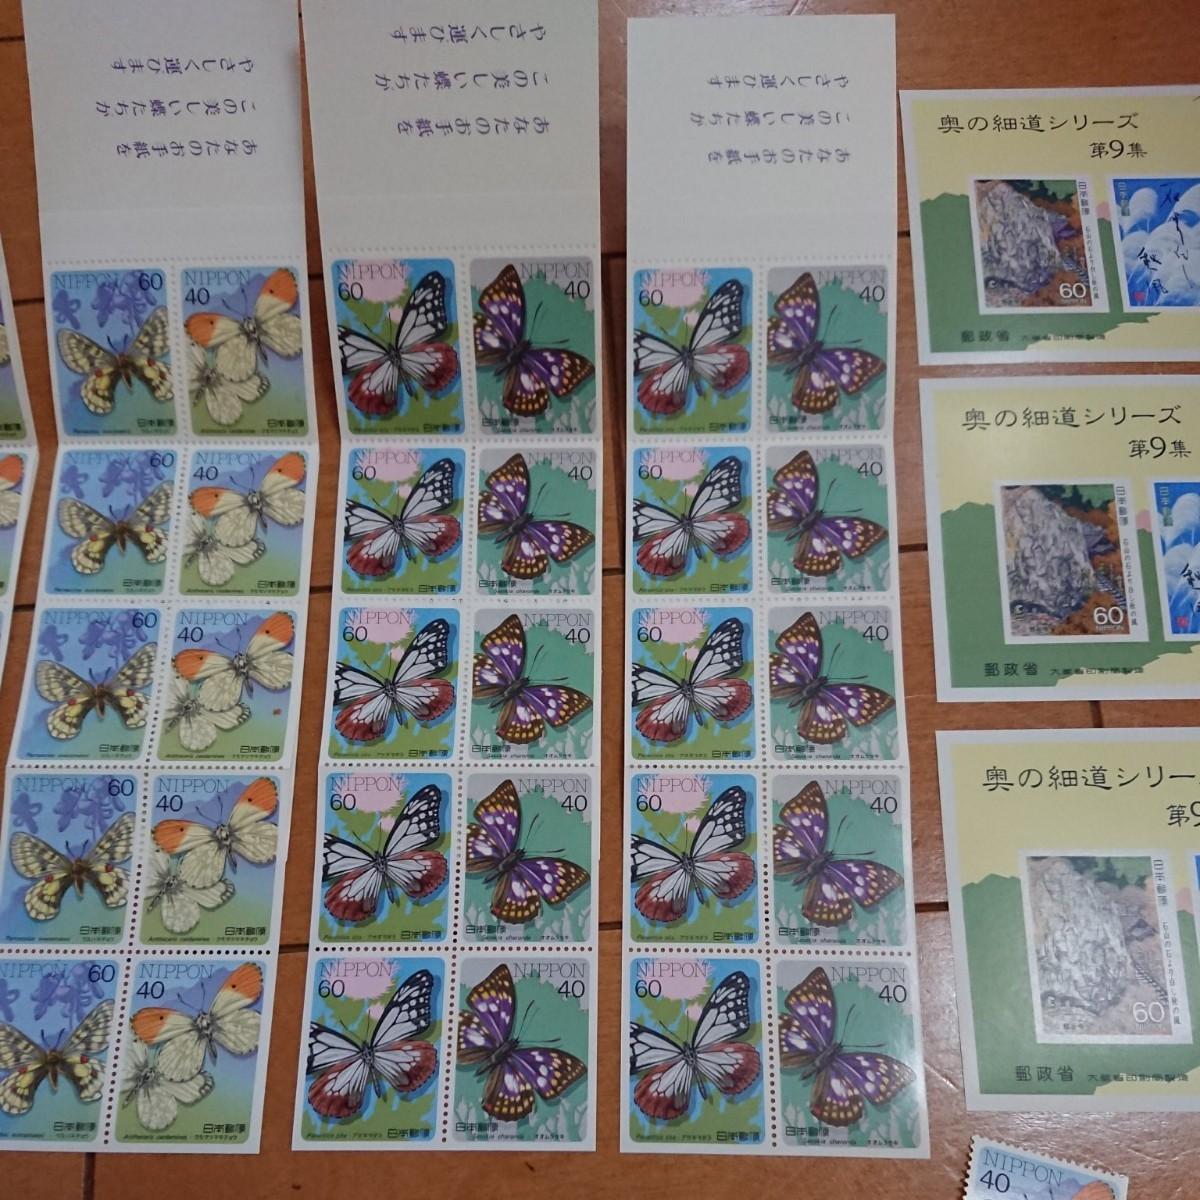 切手 いろいろ アソート セット ゆうペーン 奥の細道シリーズ 他 切手シート